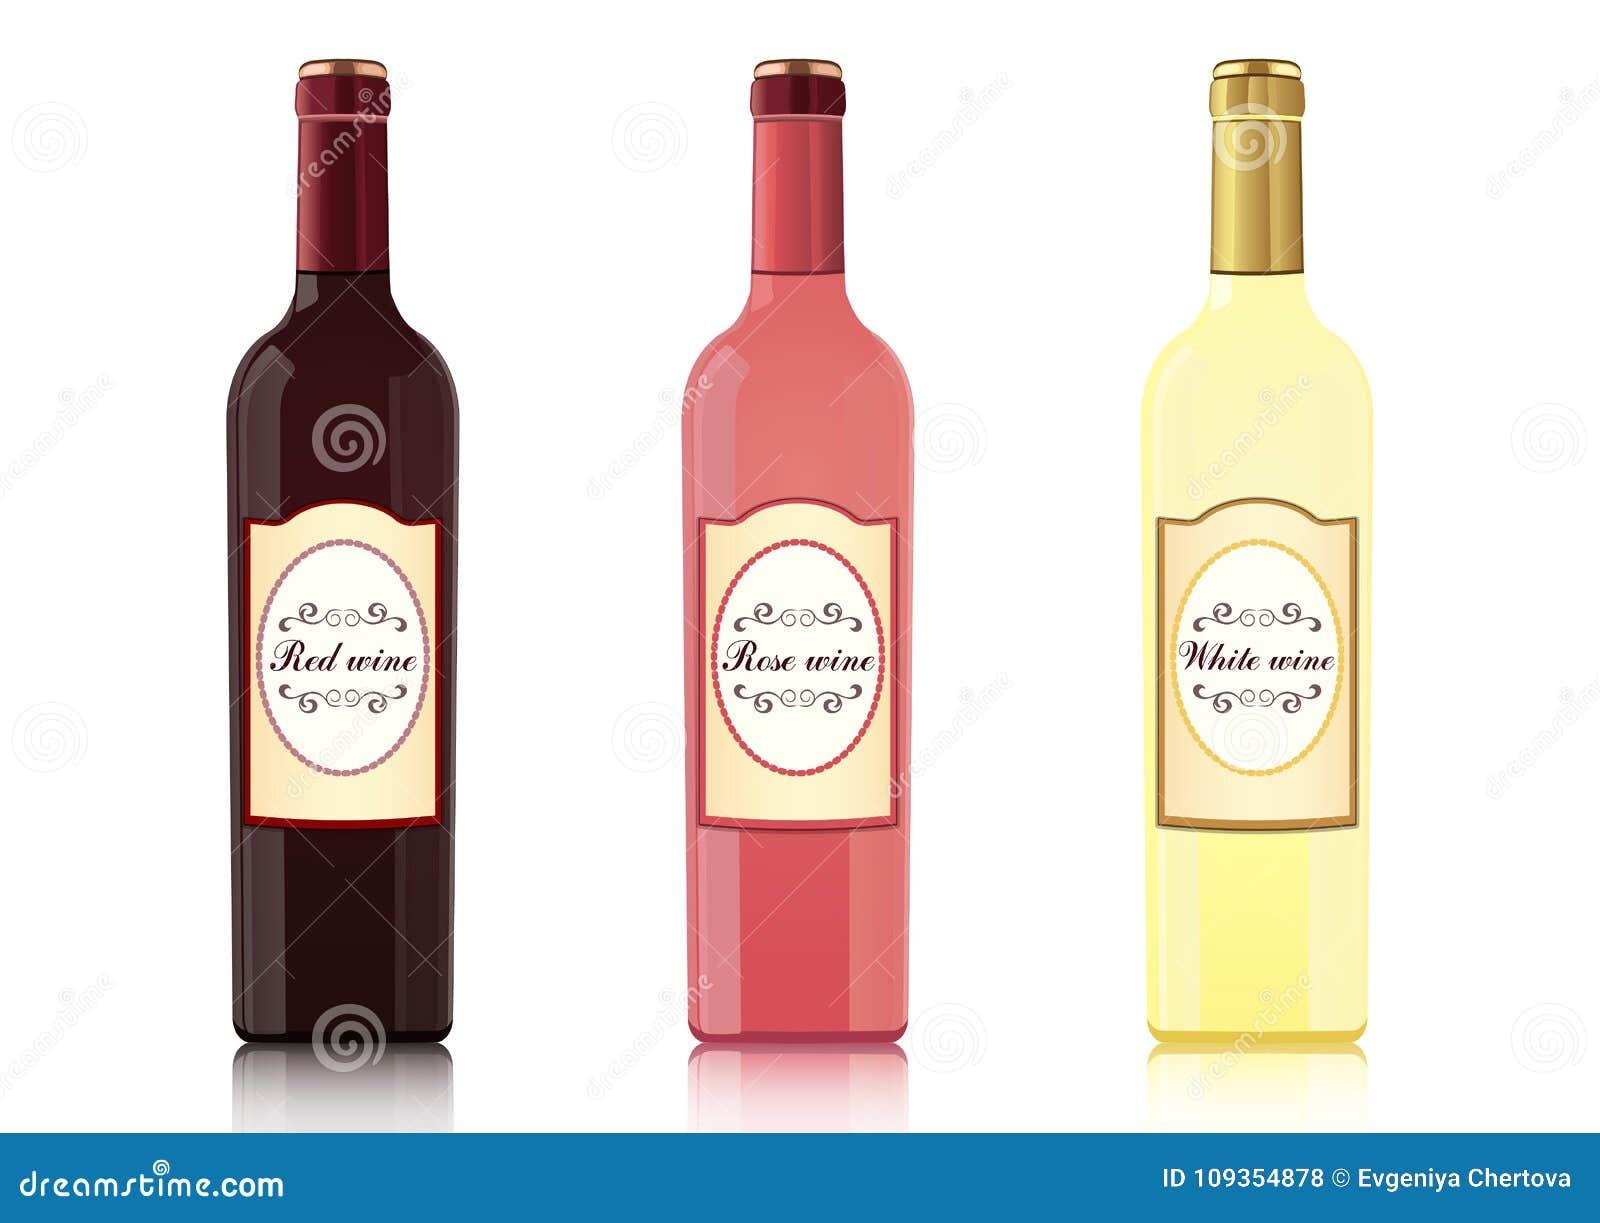 Ausgezeichnet Wein Flaschen Aufkleber Schablone Zeitgenössisch ...